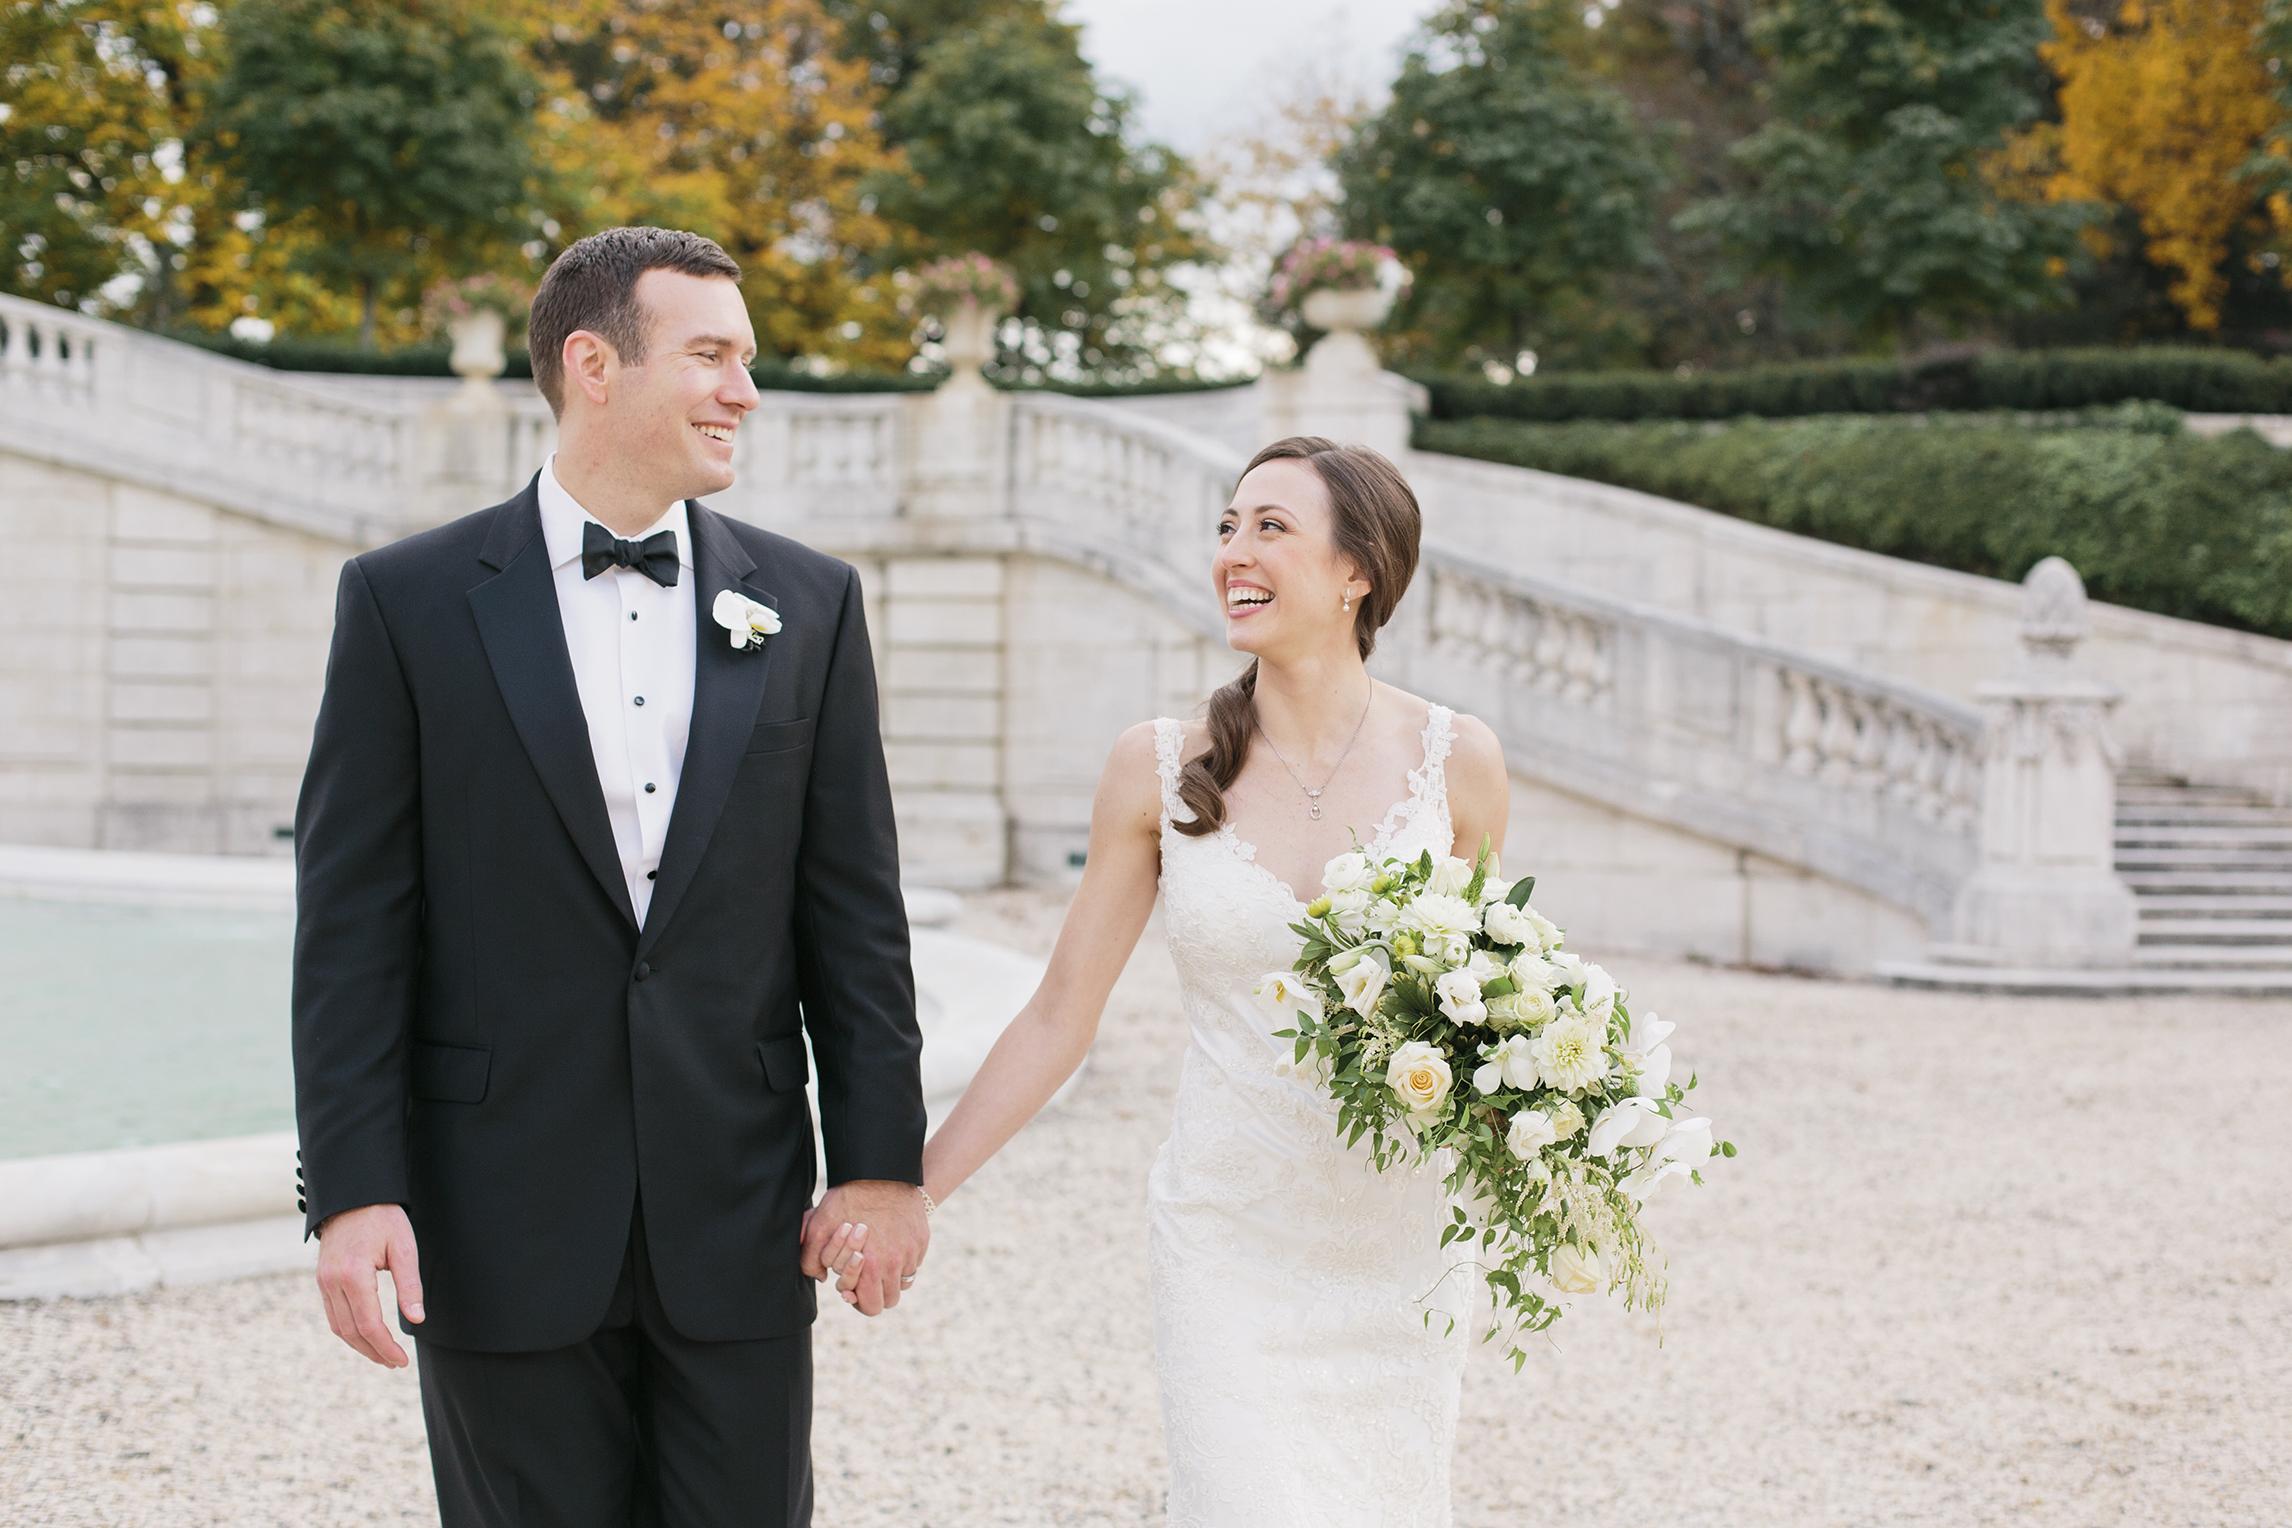 Nemours-Delaware-Art-Museum-Fall-Film-Wedding-Photographer-044.jpg